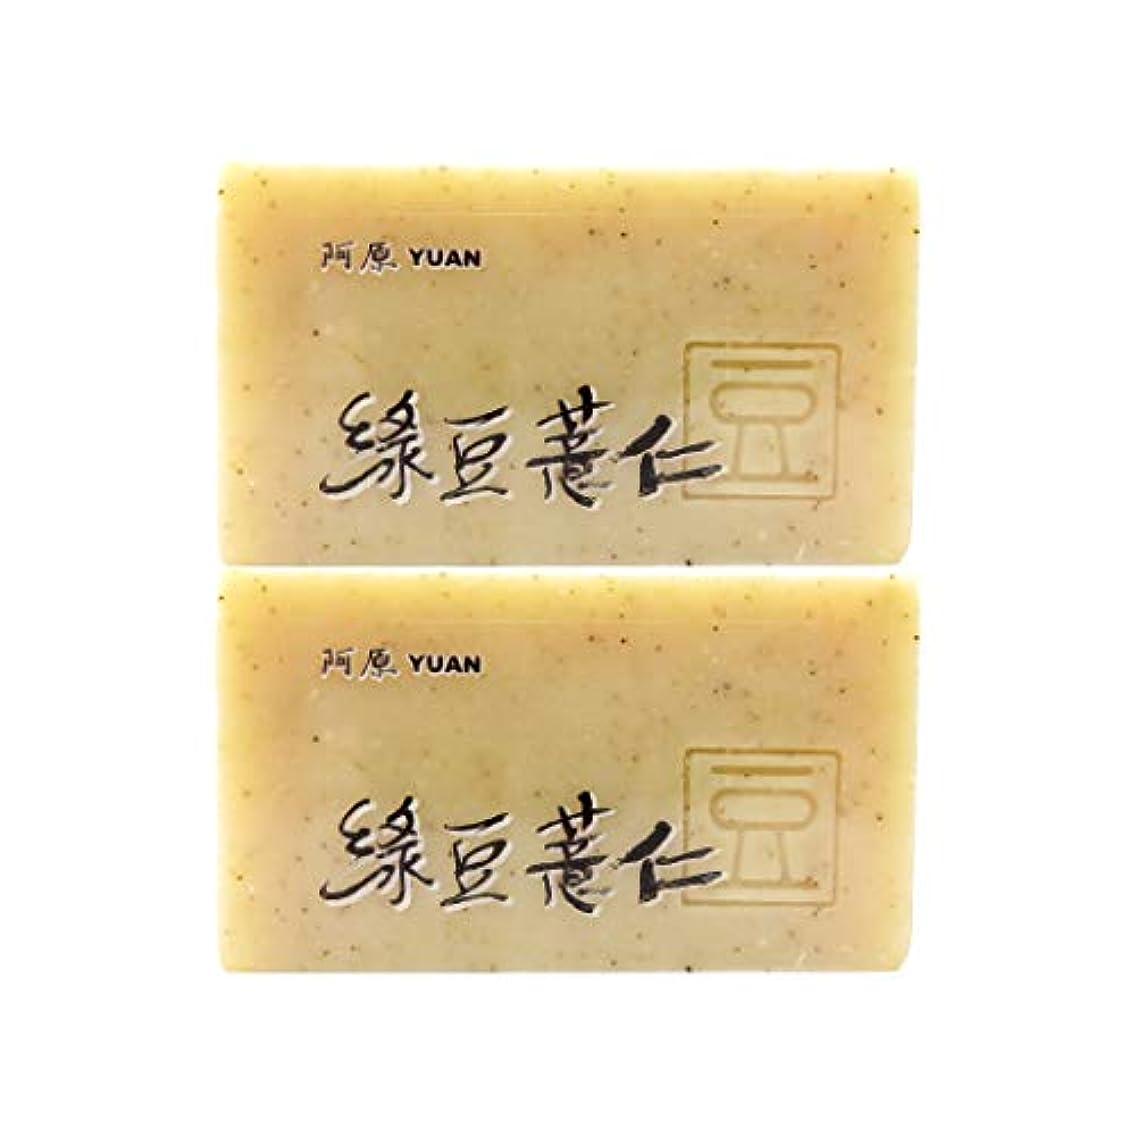 流目の前の外出ユアン(YUAN) ハトムギ+リョクトウソープ 100g (2個セット)